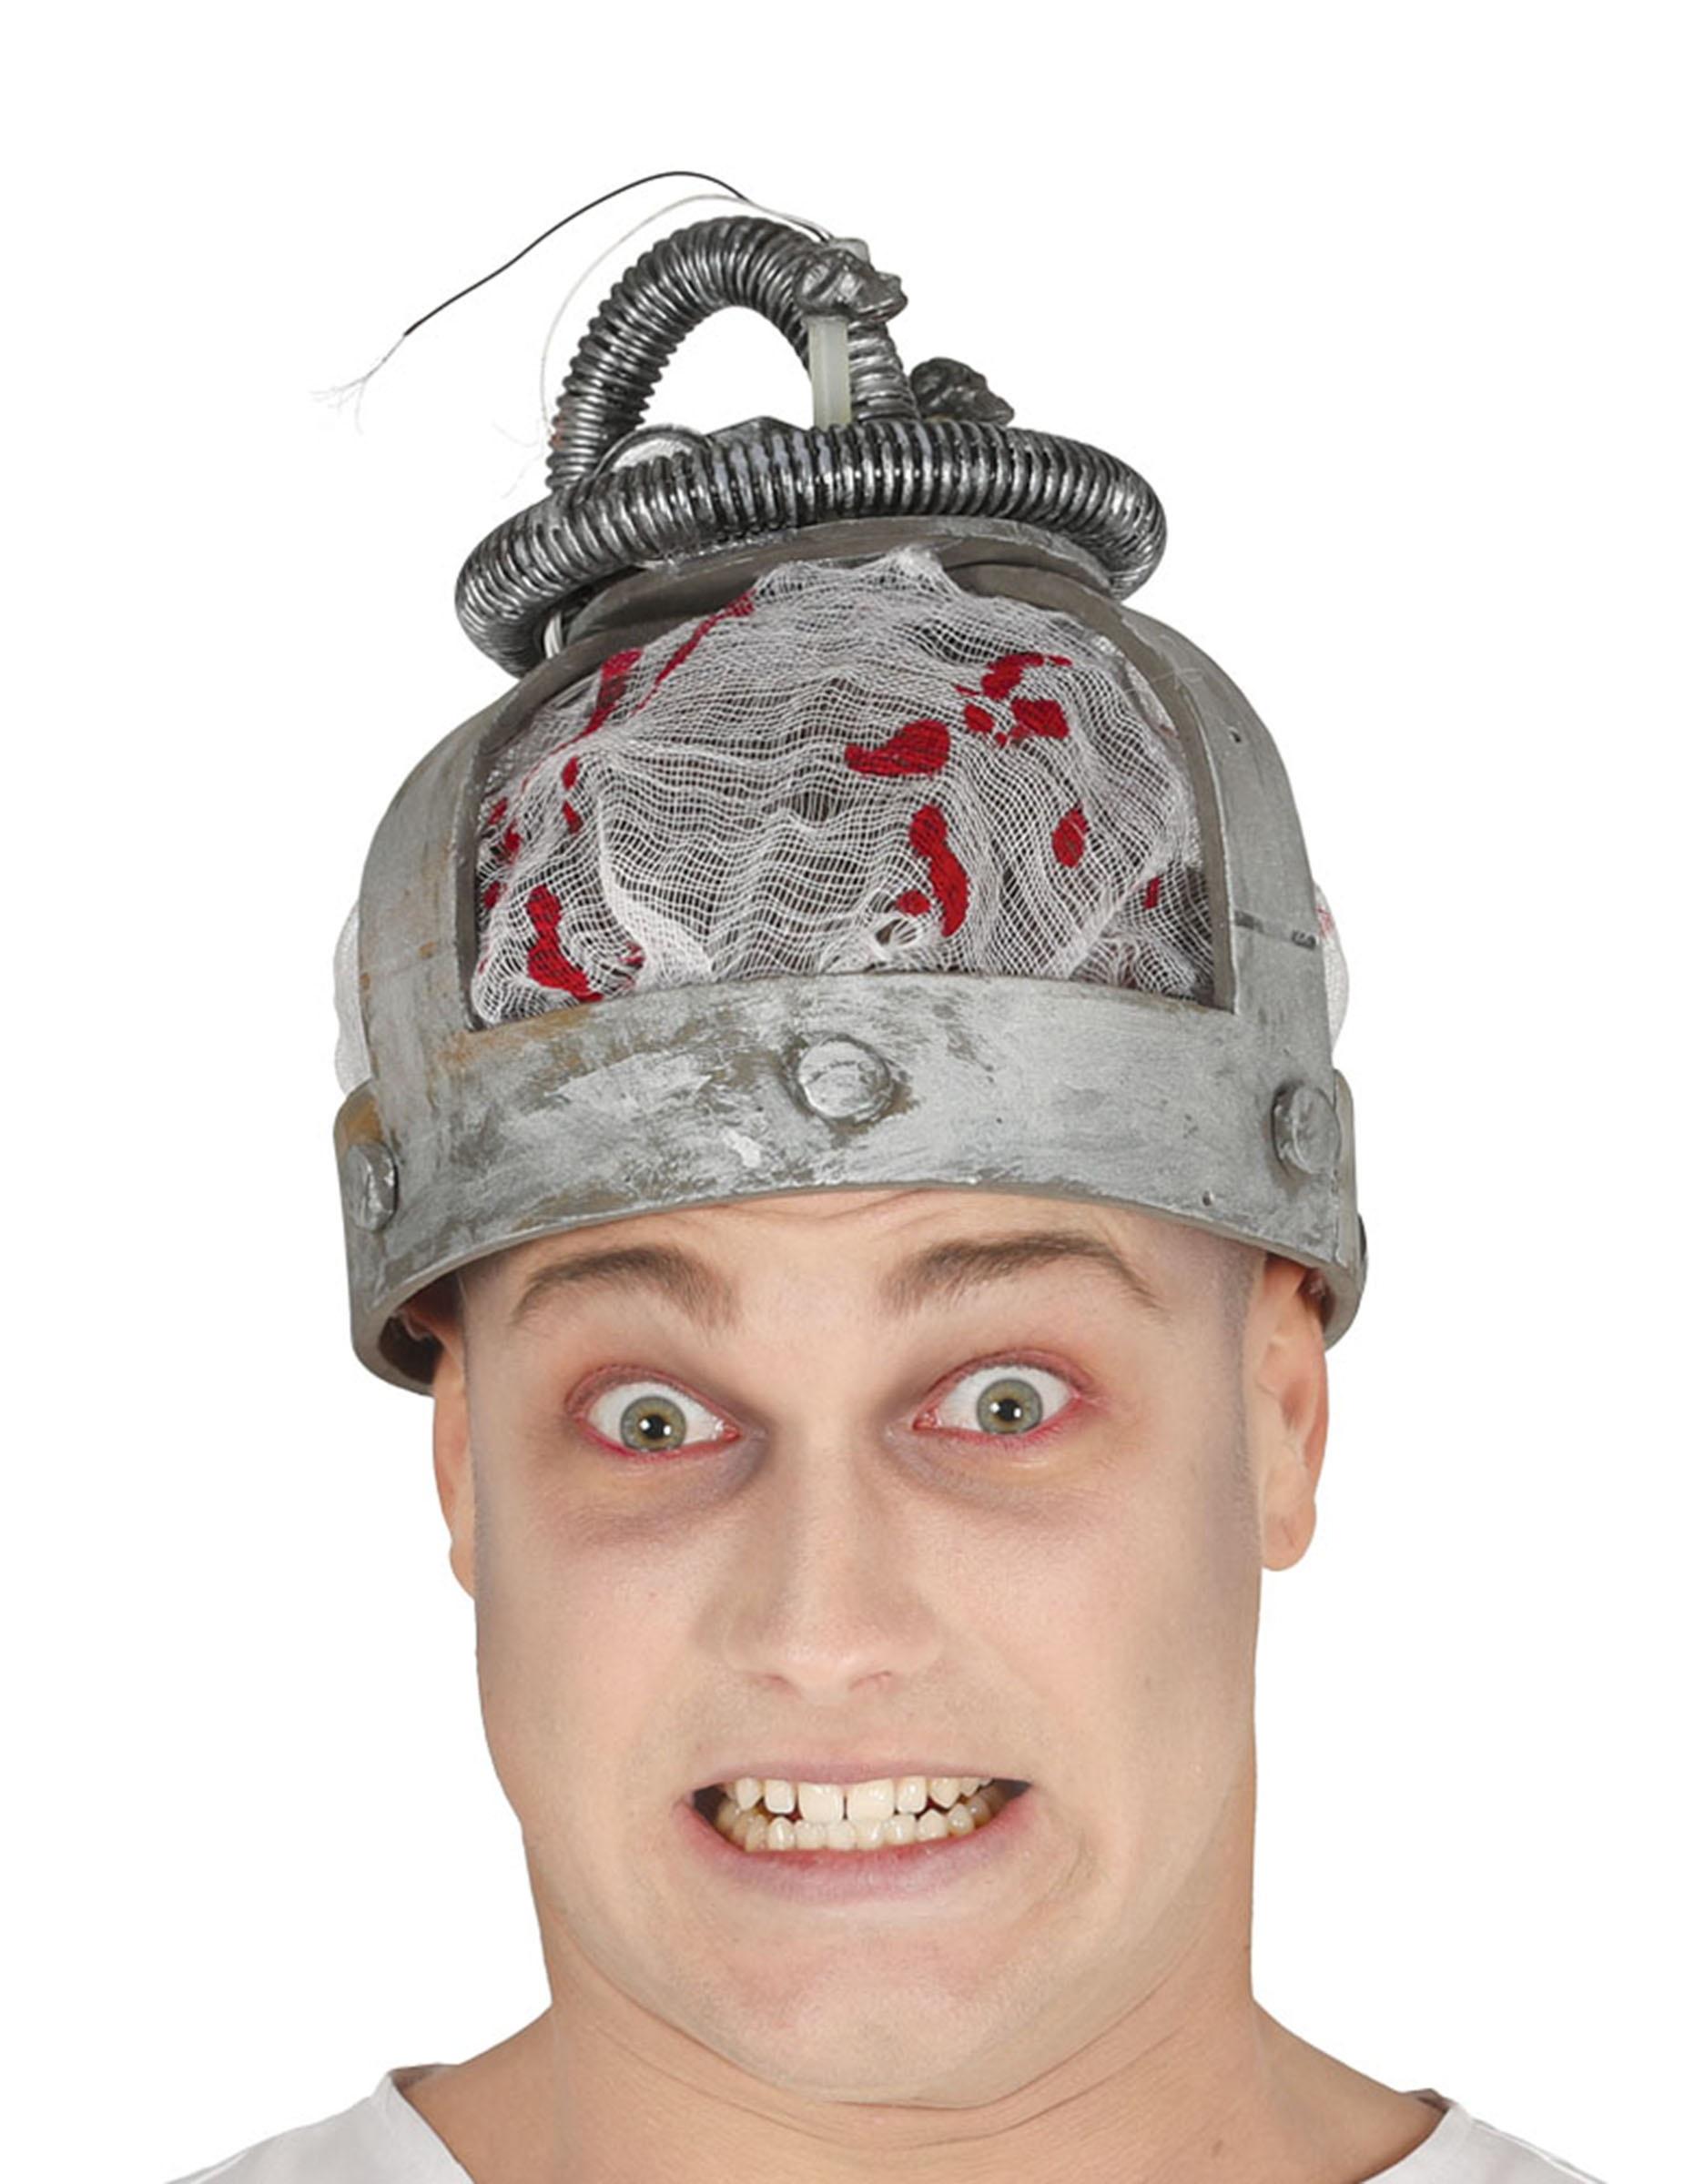 b2bb3dd6780507 Elektrischer Stuhl-Kopfbedeckung grau-rot Halloween: Hüte,und ...